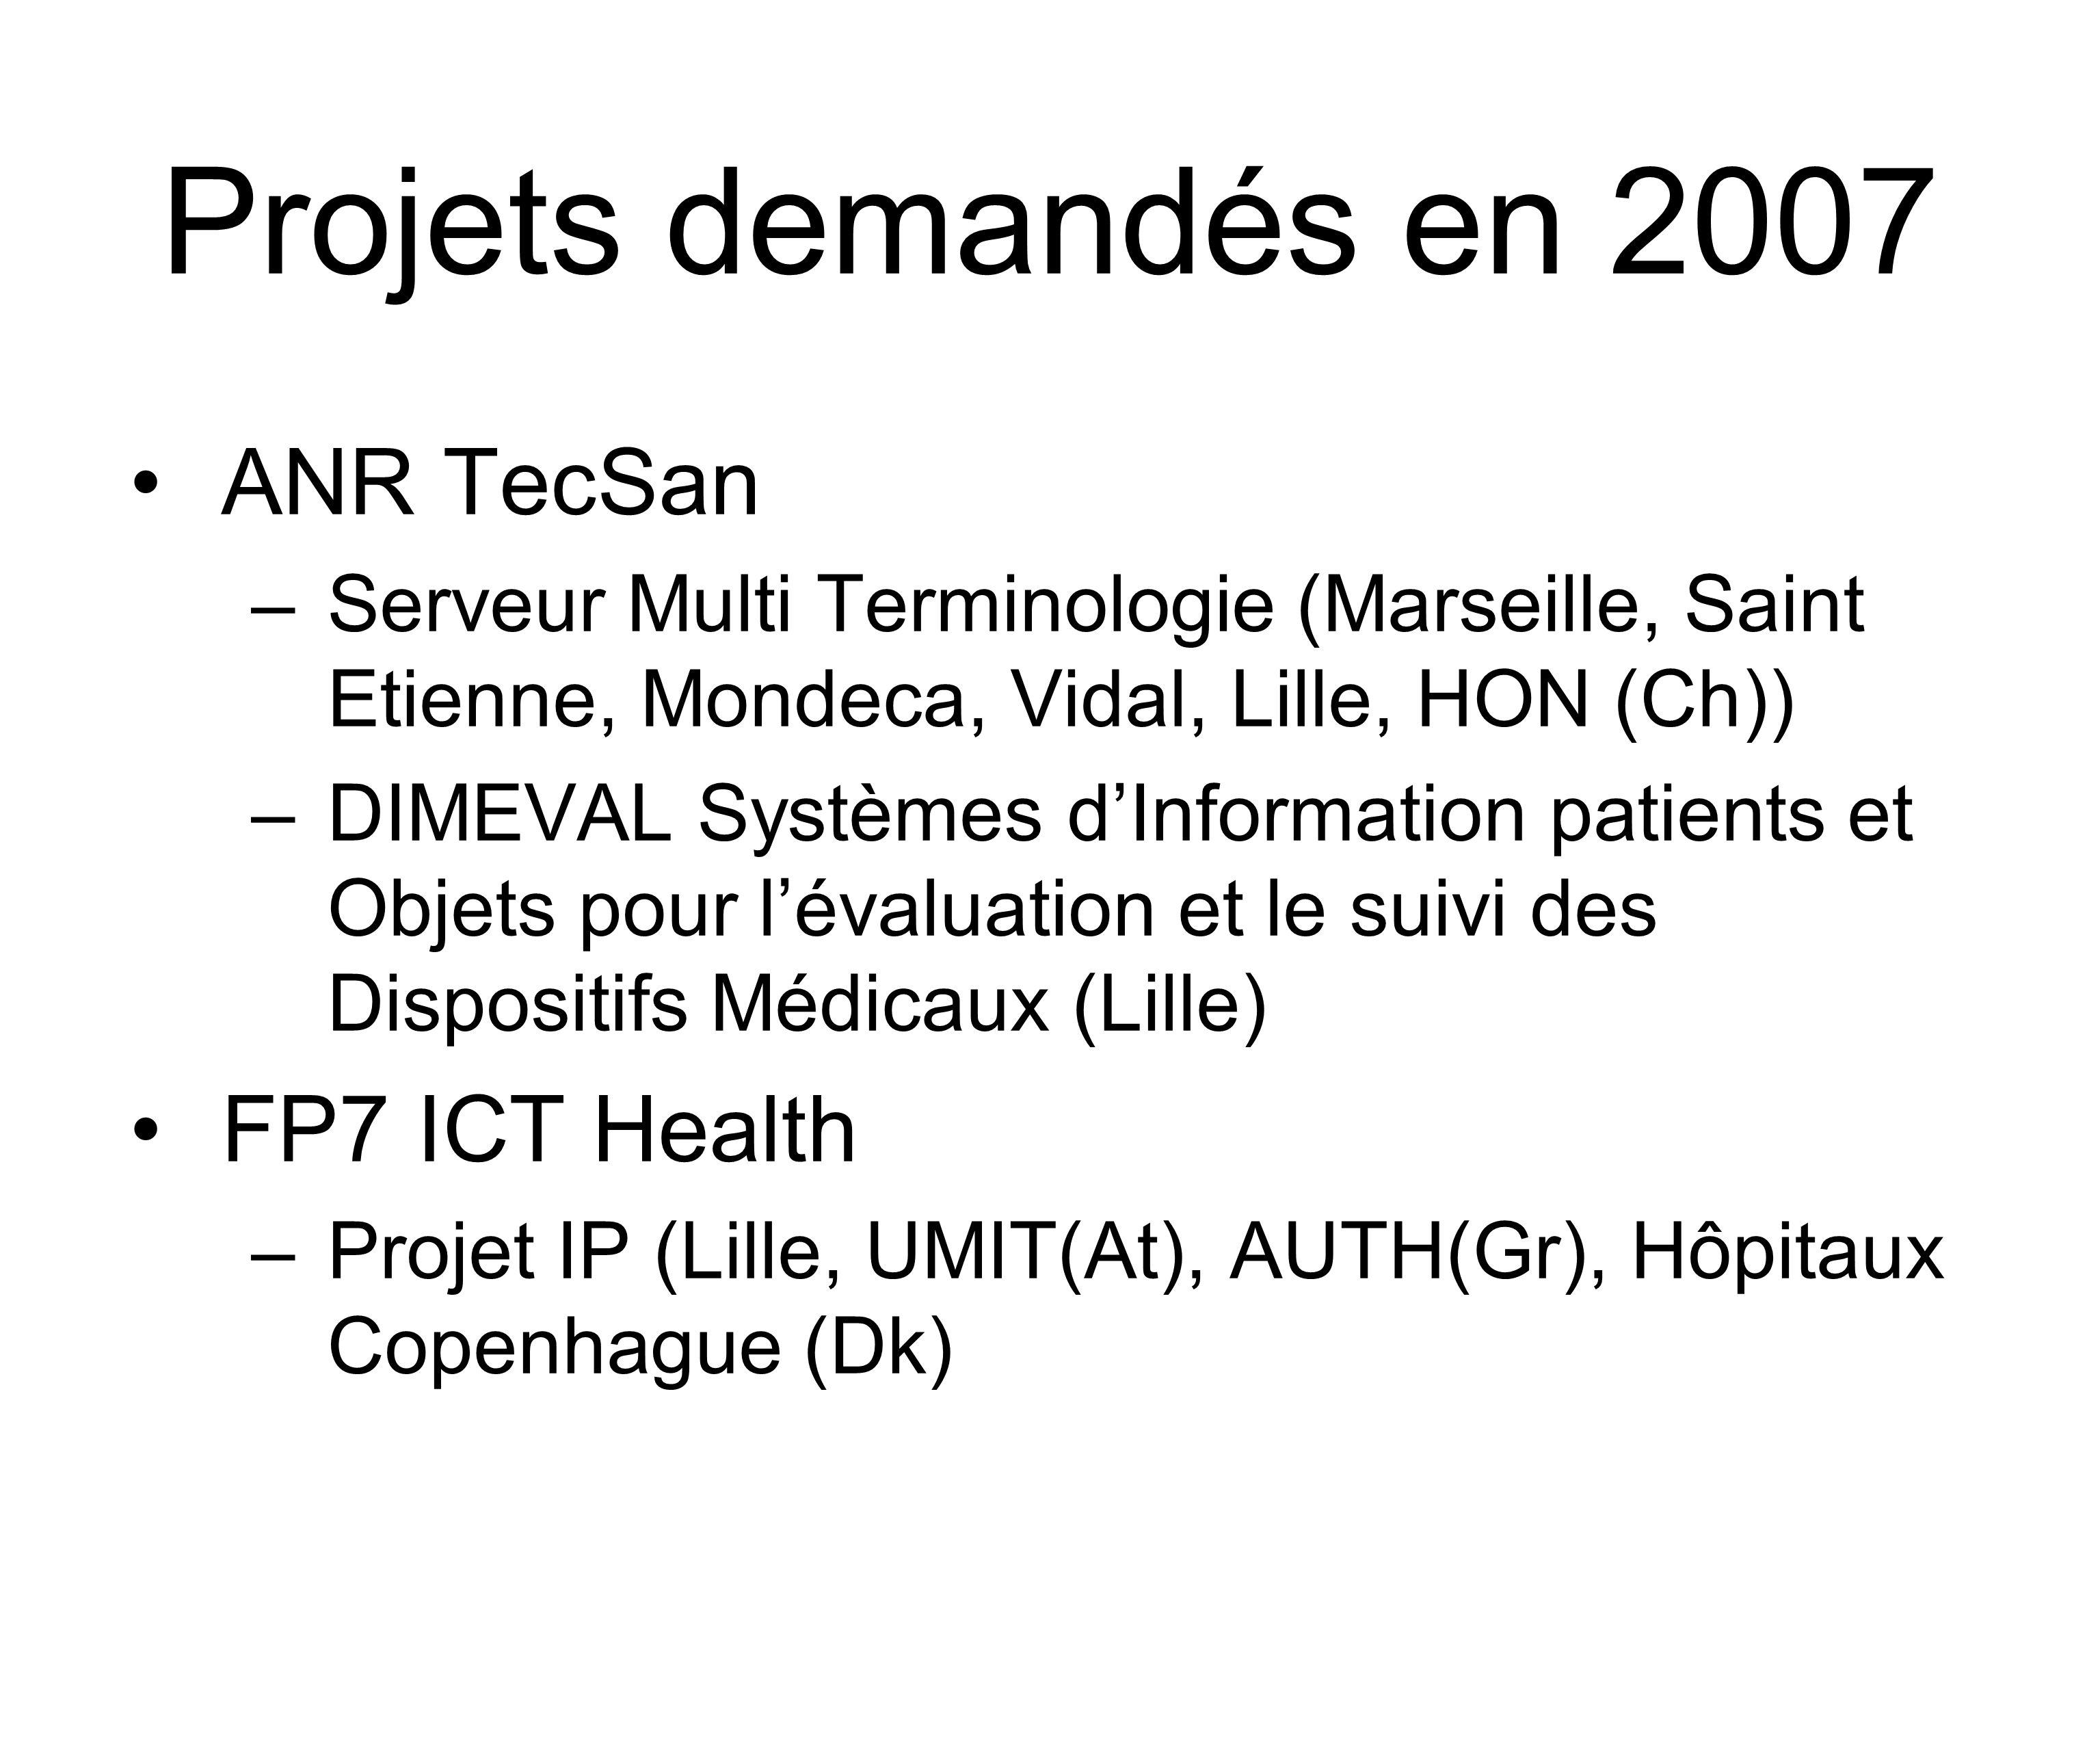 Projets demandés en 2007 ANR TecSan –Serveur Multi Terminologie (Marseille, Saint Etienne, Mondeca, Vidal, Lille, HON (Ch)) –DIMEVAL Systèmes dInformation patients et Objets pour lévaluation et le suivi des Dispositifs Médicaux (Lille) FP7 ICT Health –Projet IP (Lille, UMIT(At), AUTH(Gr), Hôpitaux Copenhague (Dk)